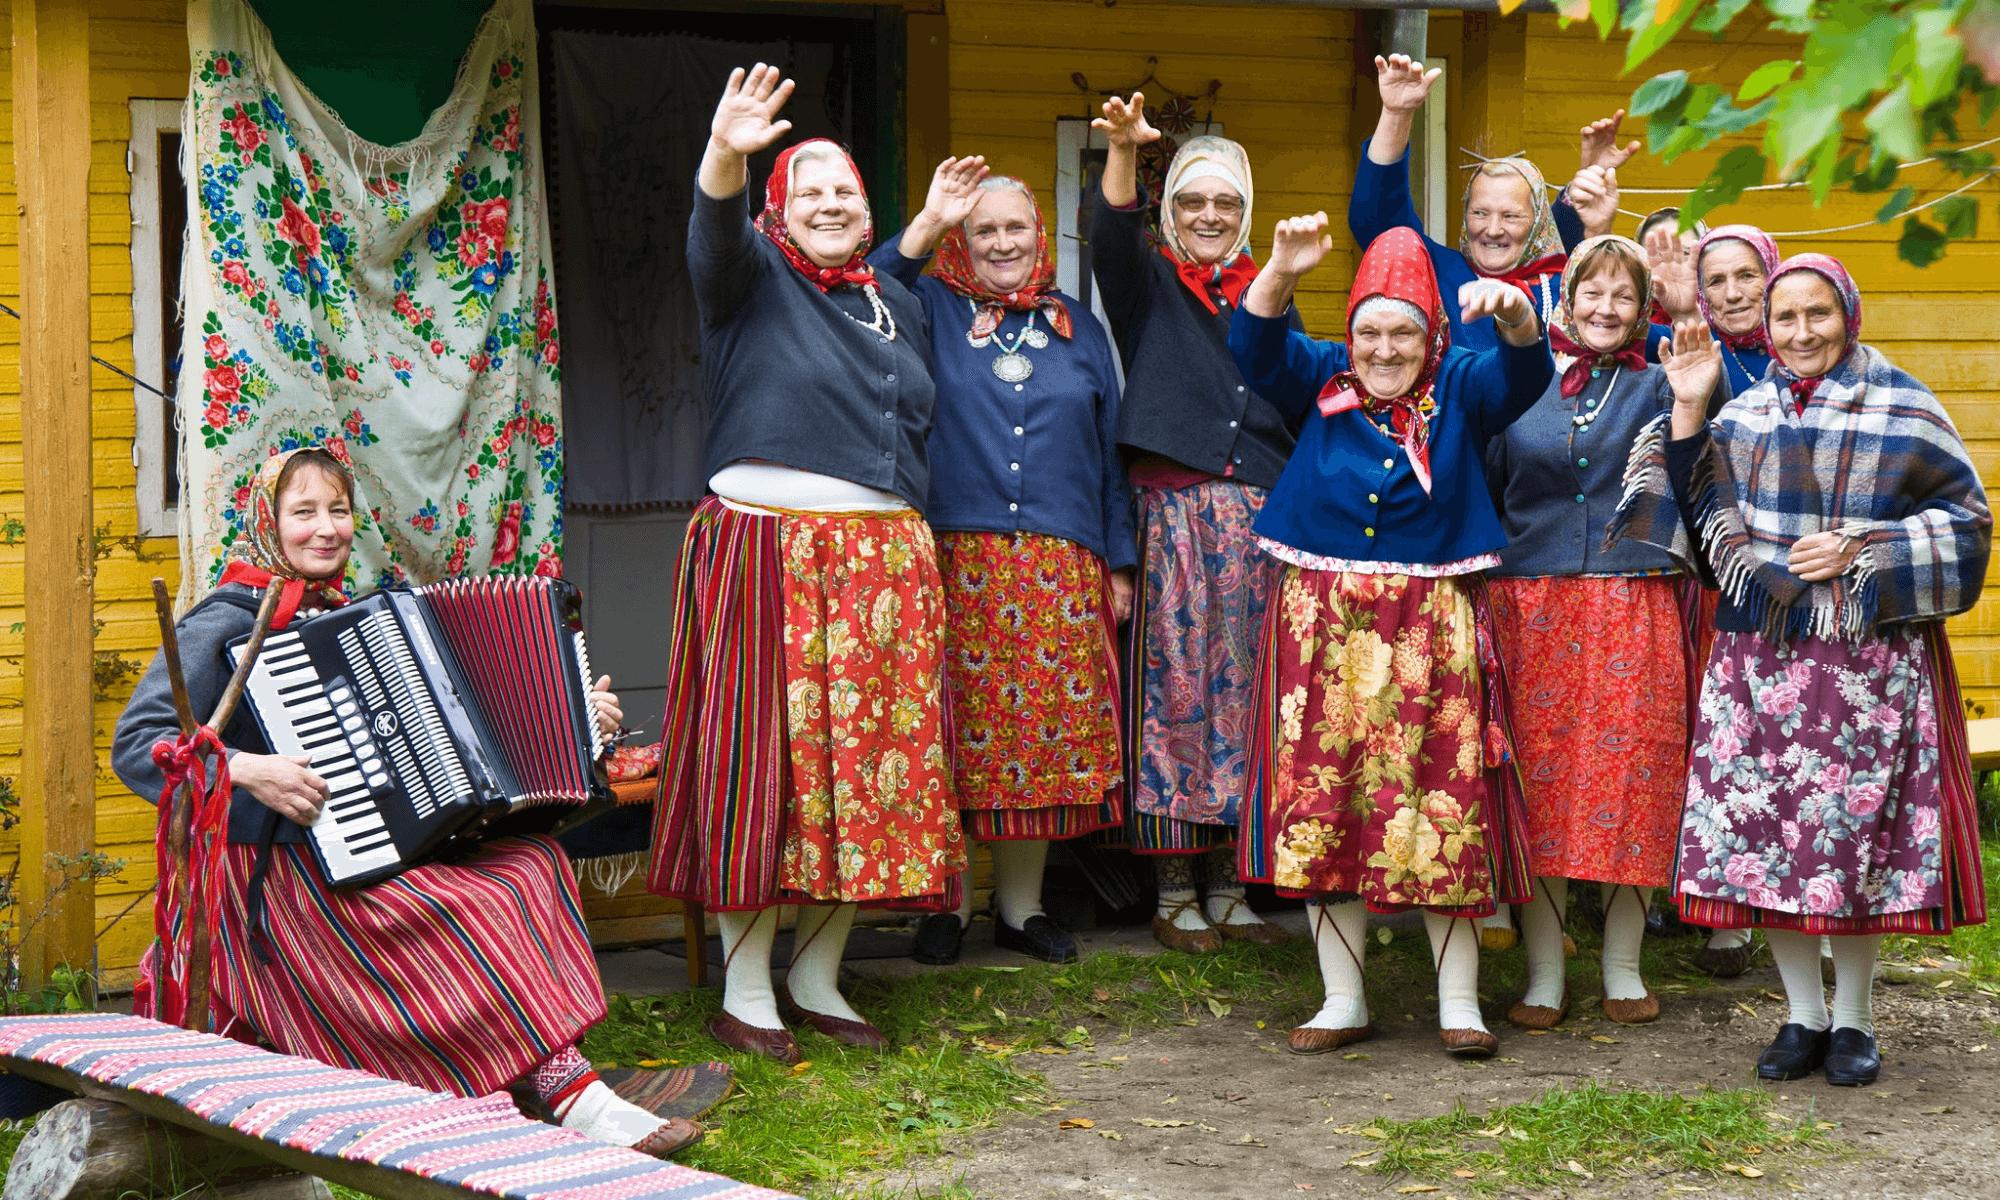 Kihnu la última sociedad matriarcal de Europa que se alza al turismo por su poder femenino 1